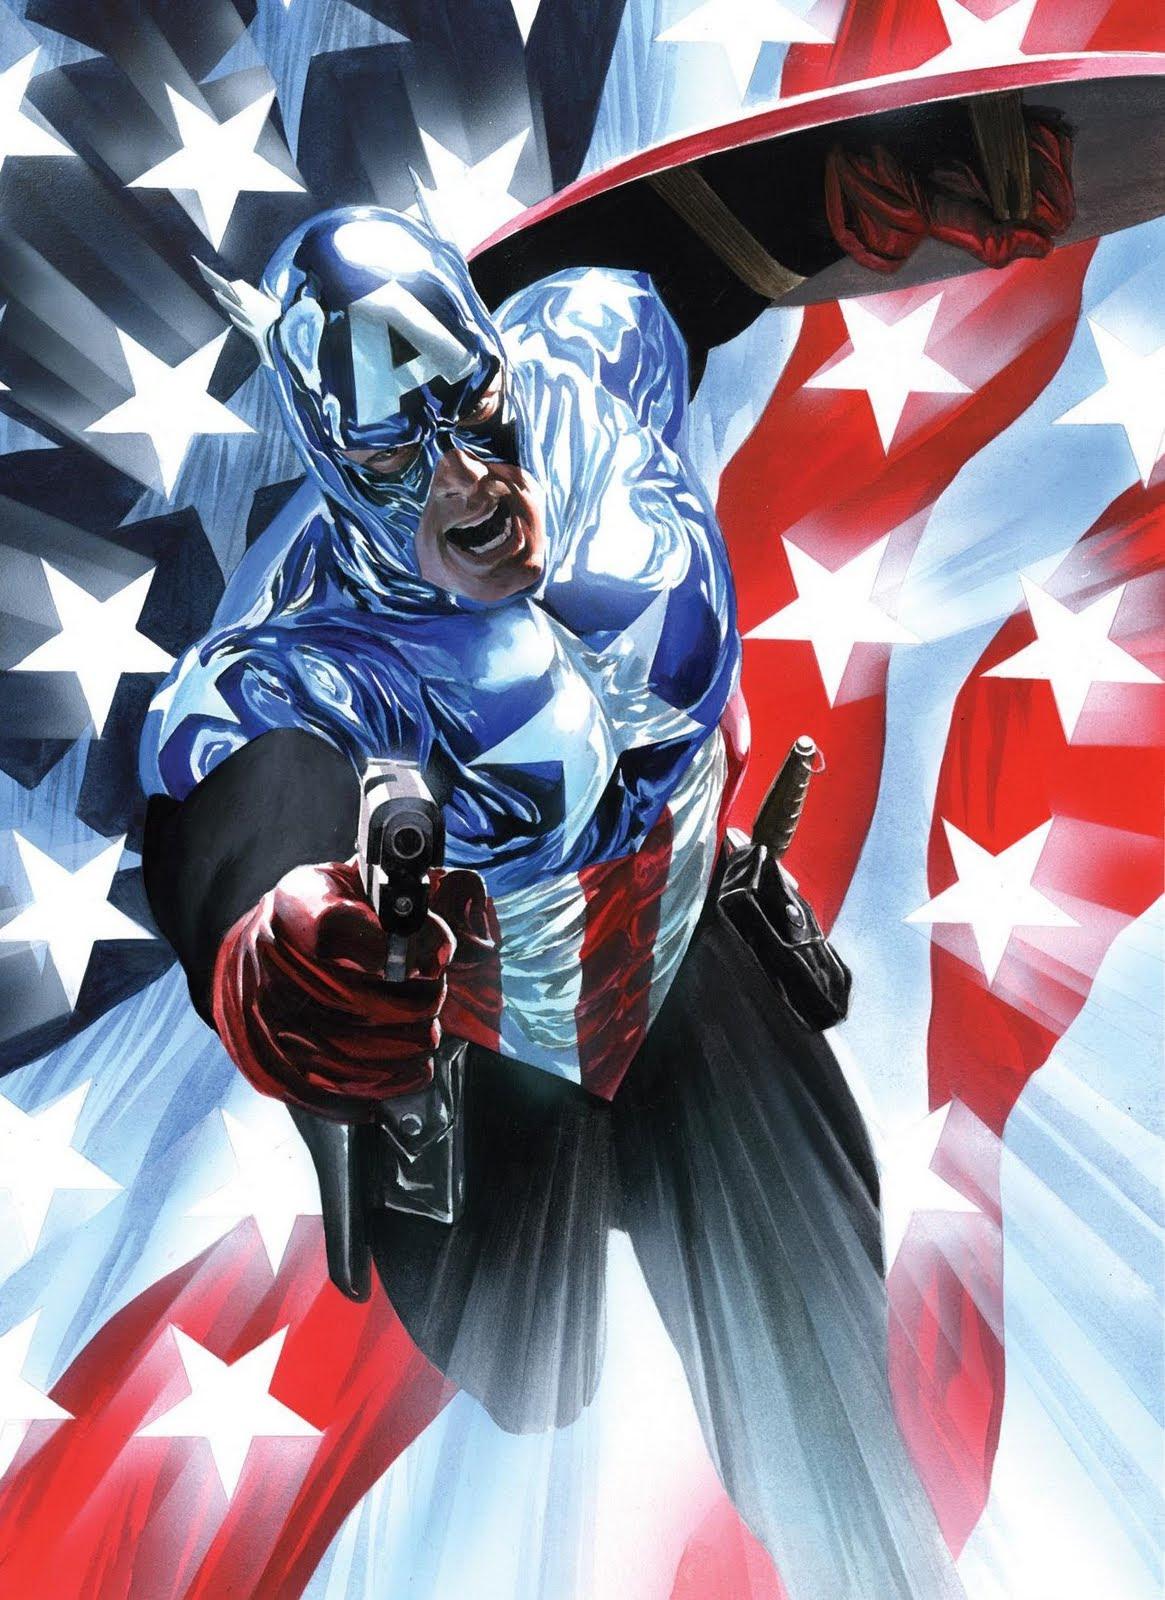 http://oyster.ignimgs.com/wordpress/write.ign.com/64476/2013/05/1930663-captain_america_34_brubaker_alex_ross_marvel_heroes.jpg